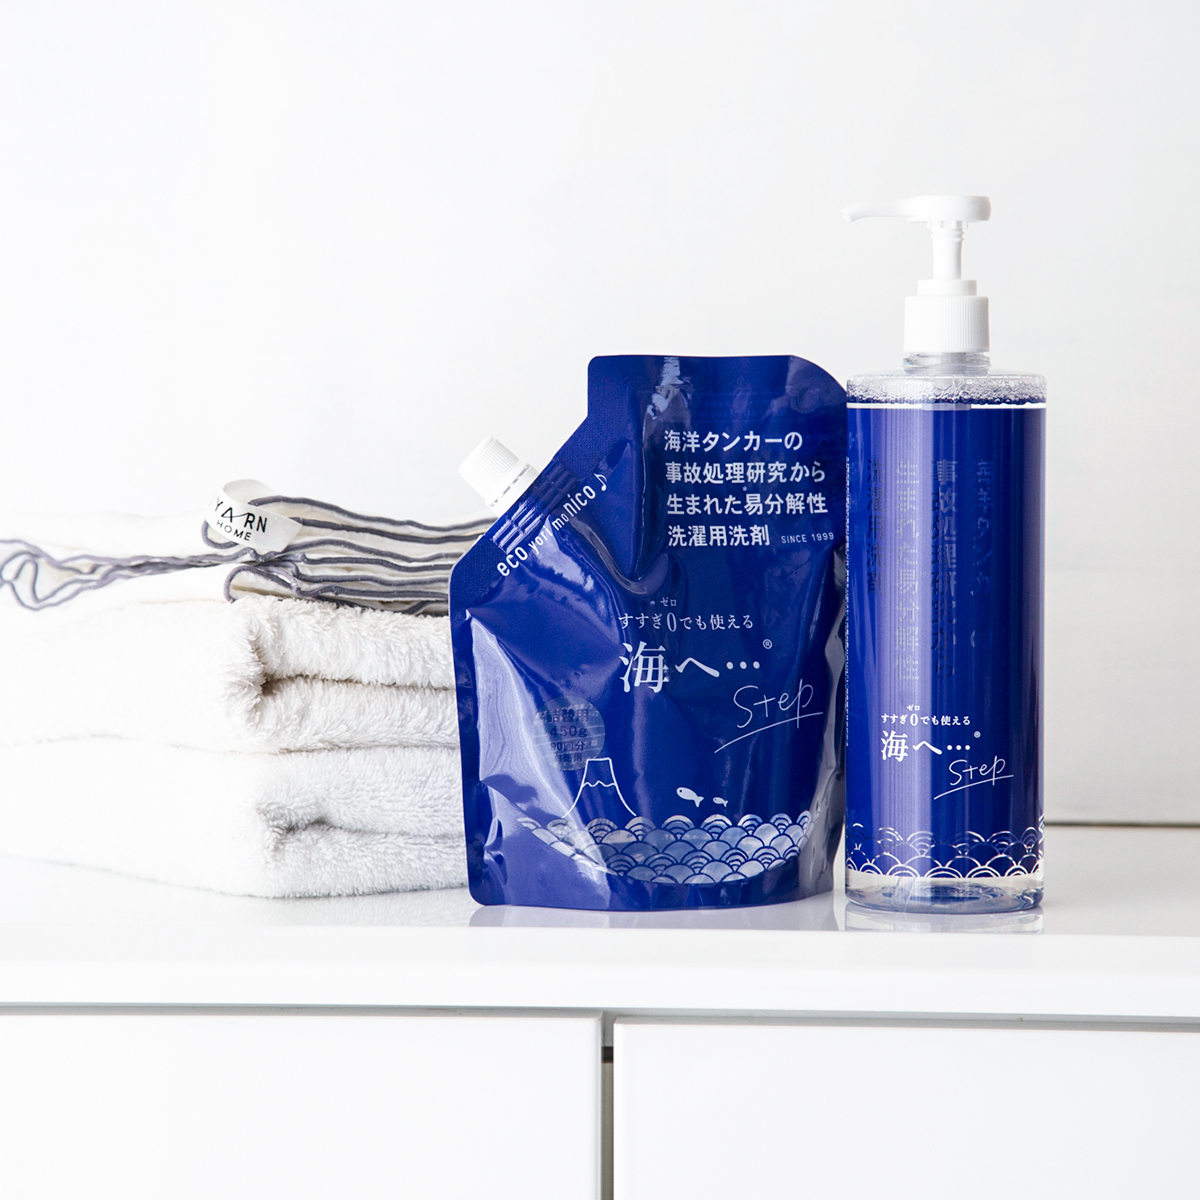 少量で綿もシルクもダウンや防水透湿性のあるレインウェアも洗える環境に優しい洗剤|海へ…Step